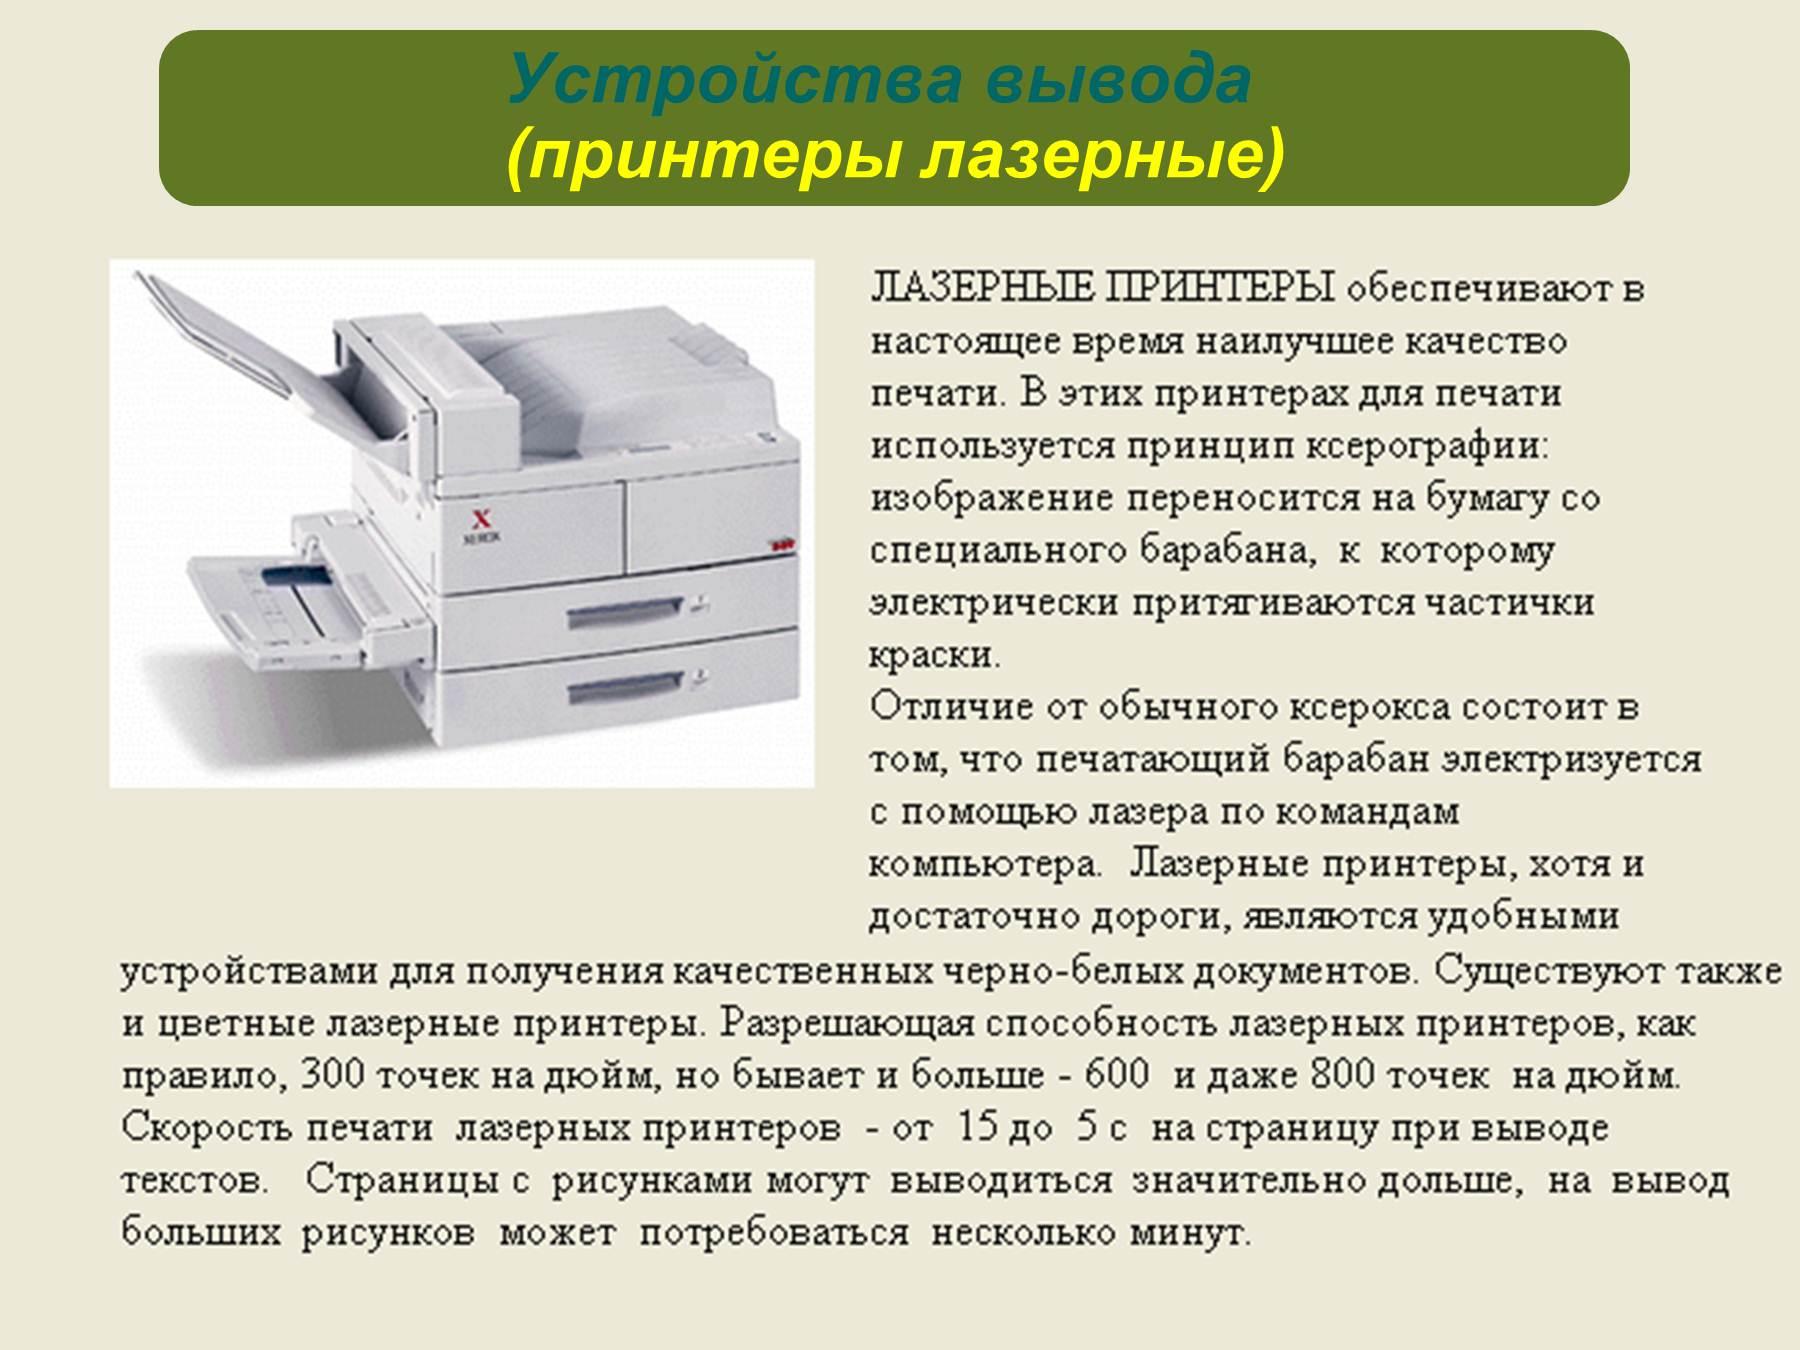 Как сделать штамп лазерным принтером